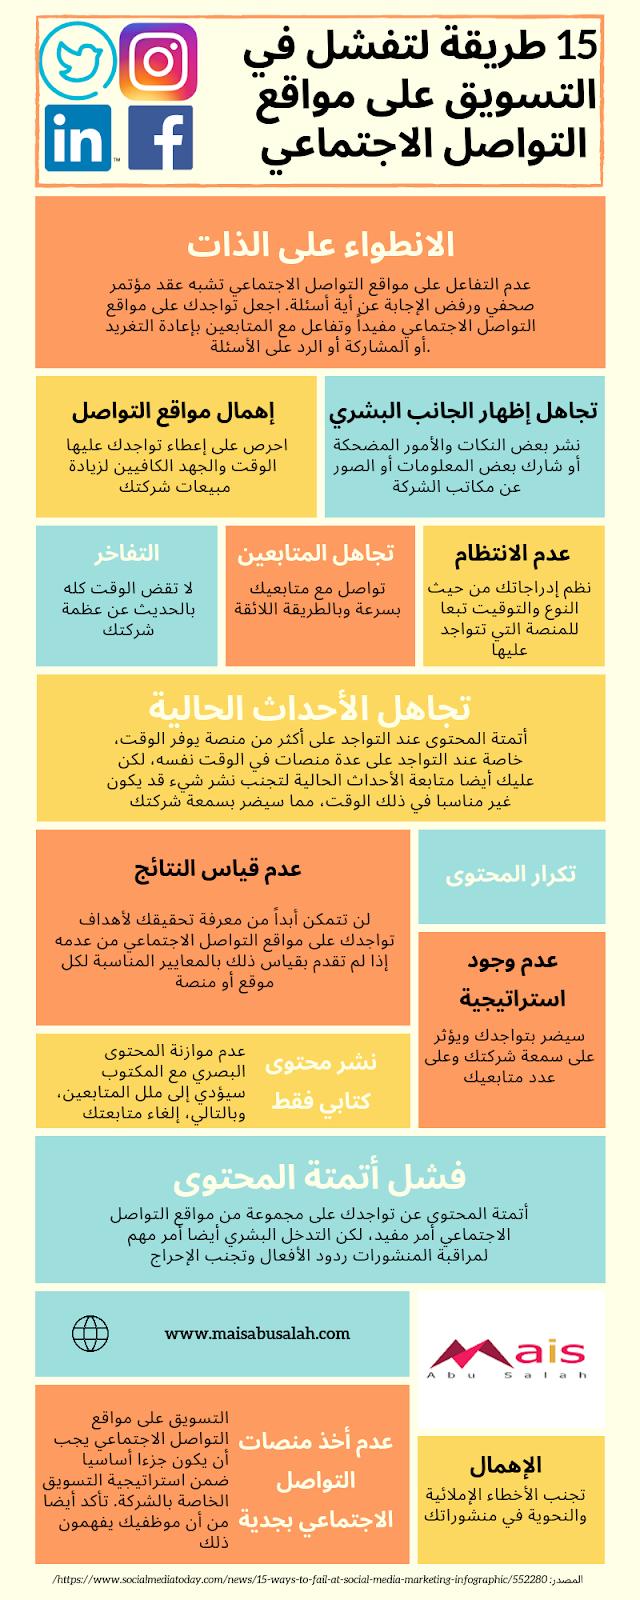 البحث العلمي كيفية كتابة خطة بحث Blog Posts Post Blog